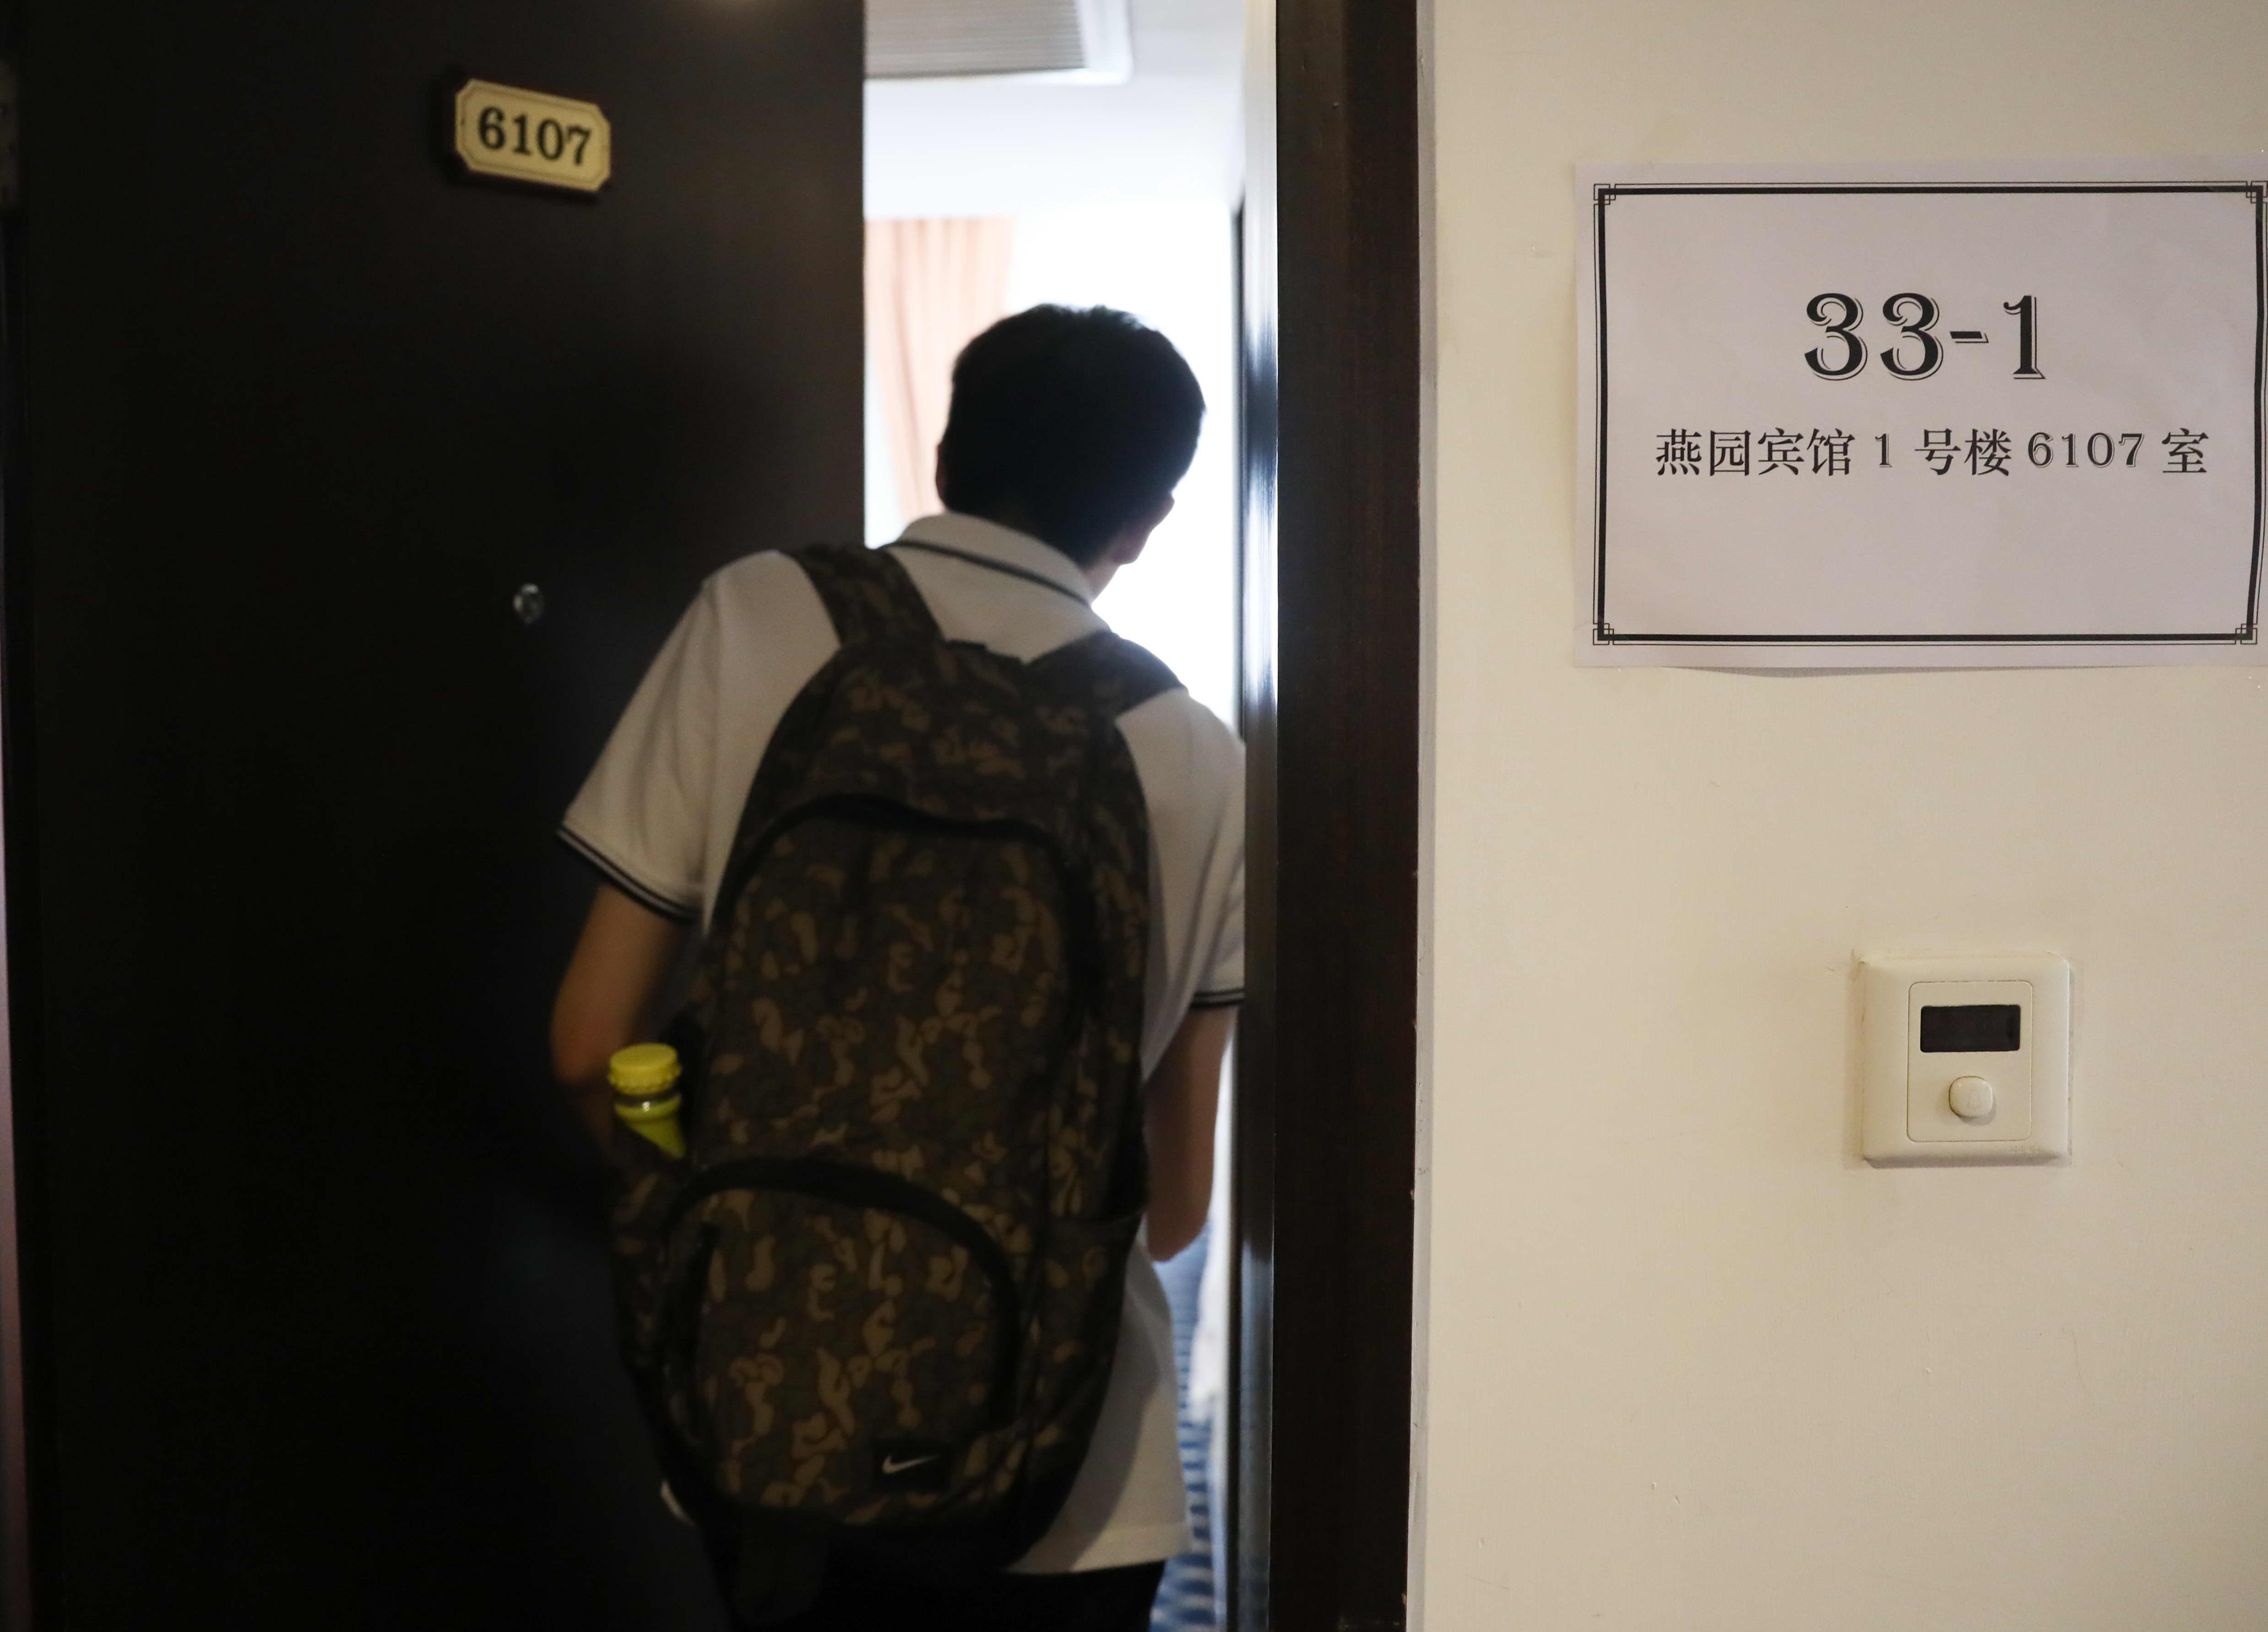 参加复旦大学综合评价录取改革试点校测面试的考生进场